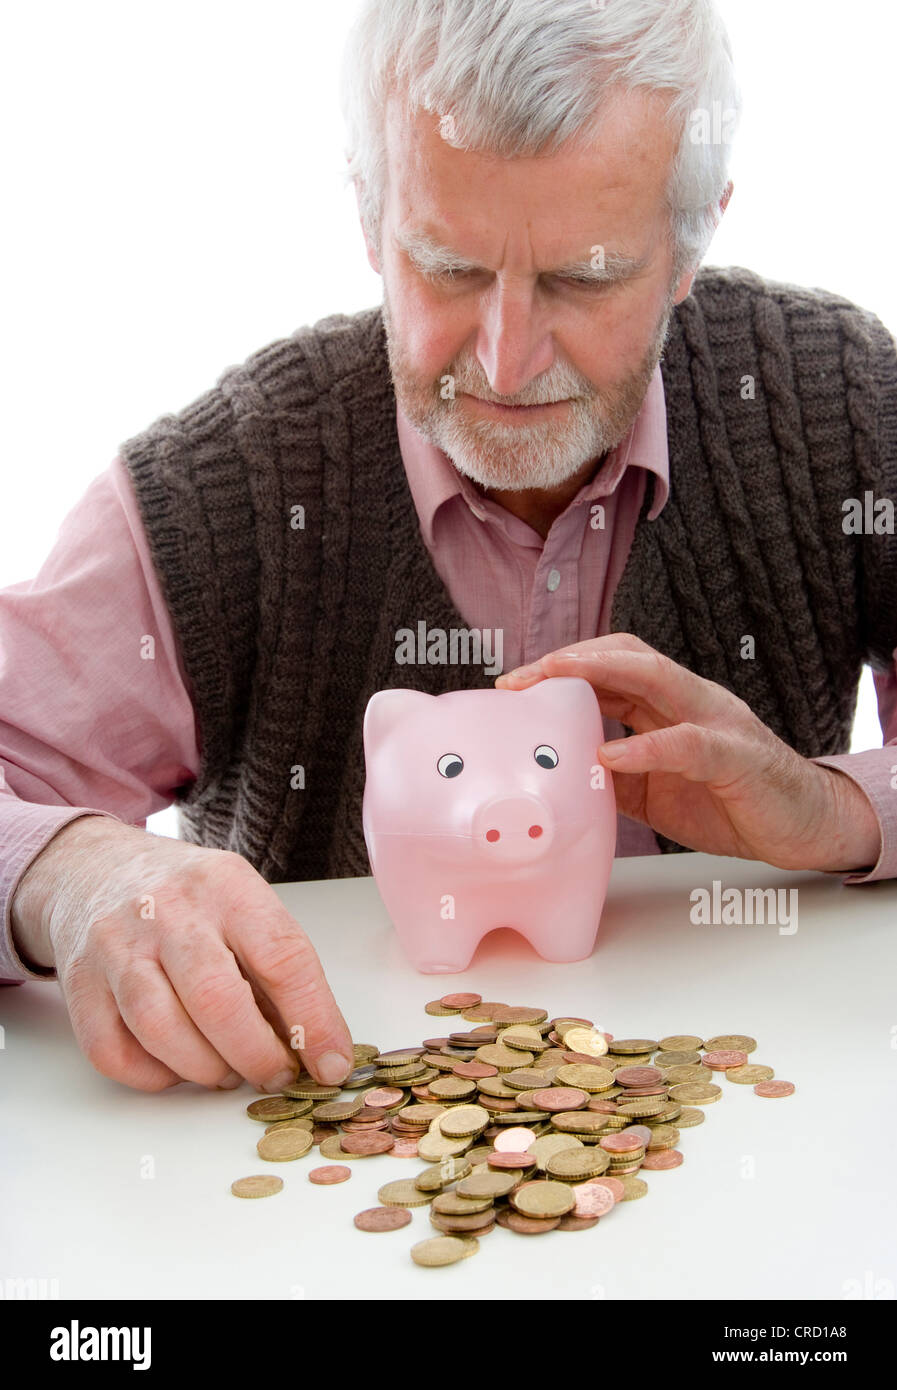 Symbolique pour la retraite avec pension minimale Photo Stock